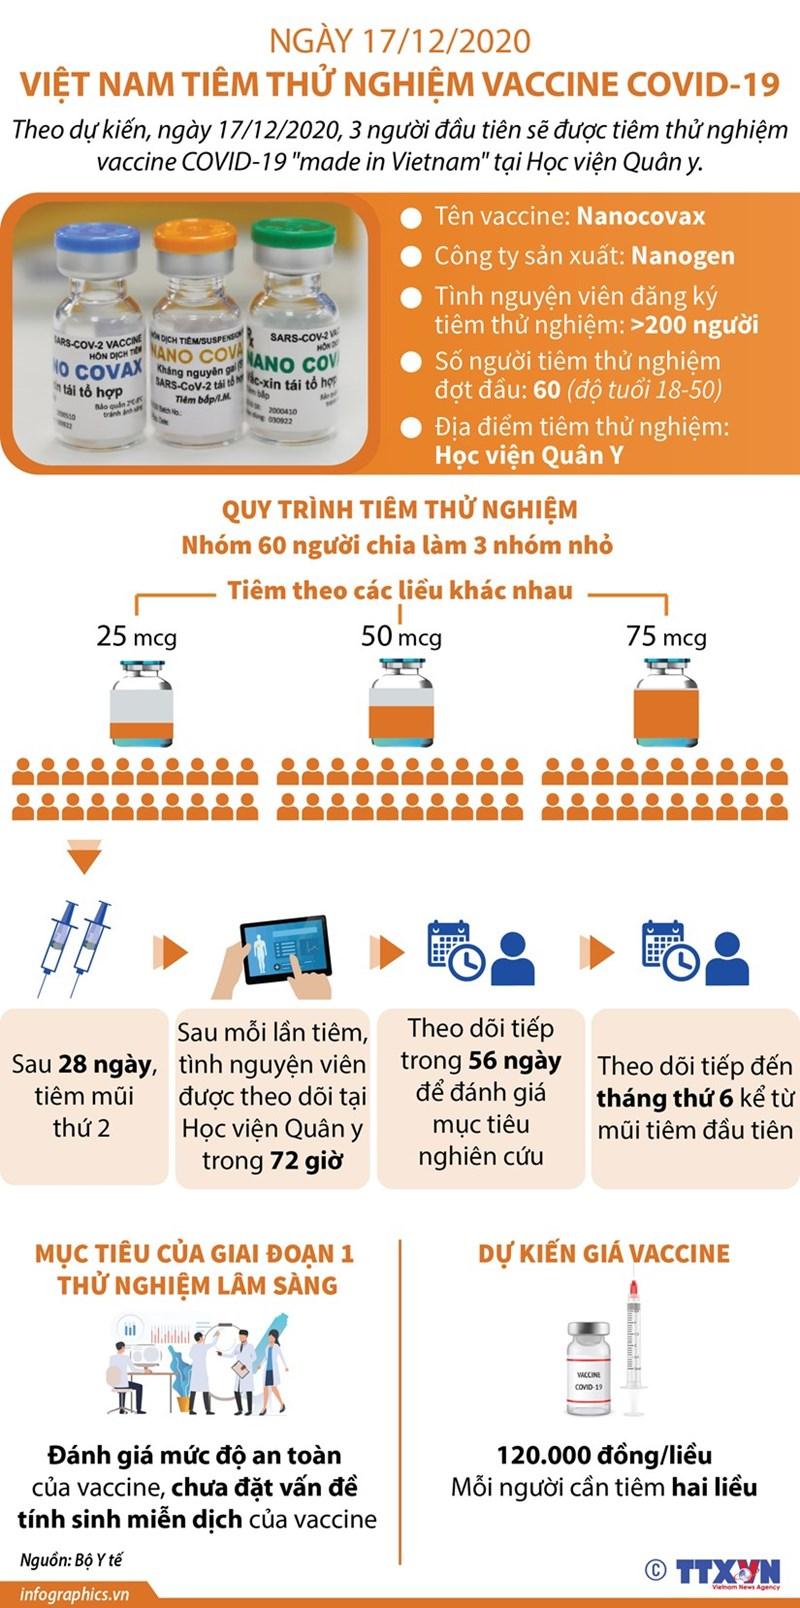 [Infographics] Quá trình tiêm thử nghiệm vắcxin Covid-19 của Việt Nam - Ảnh 1